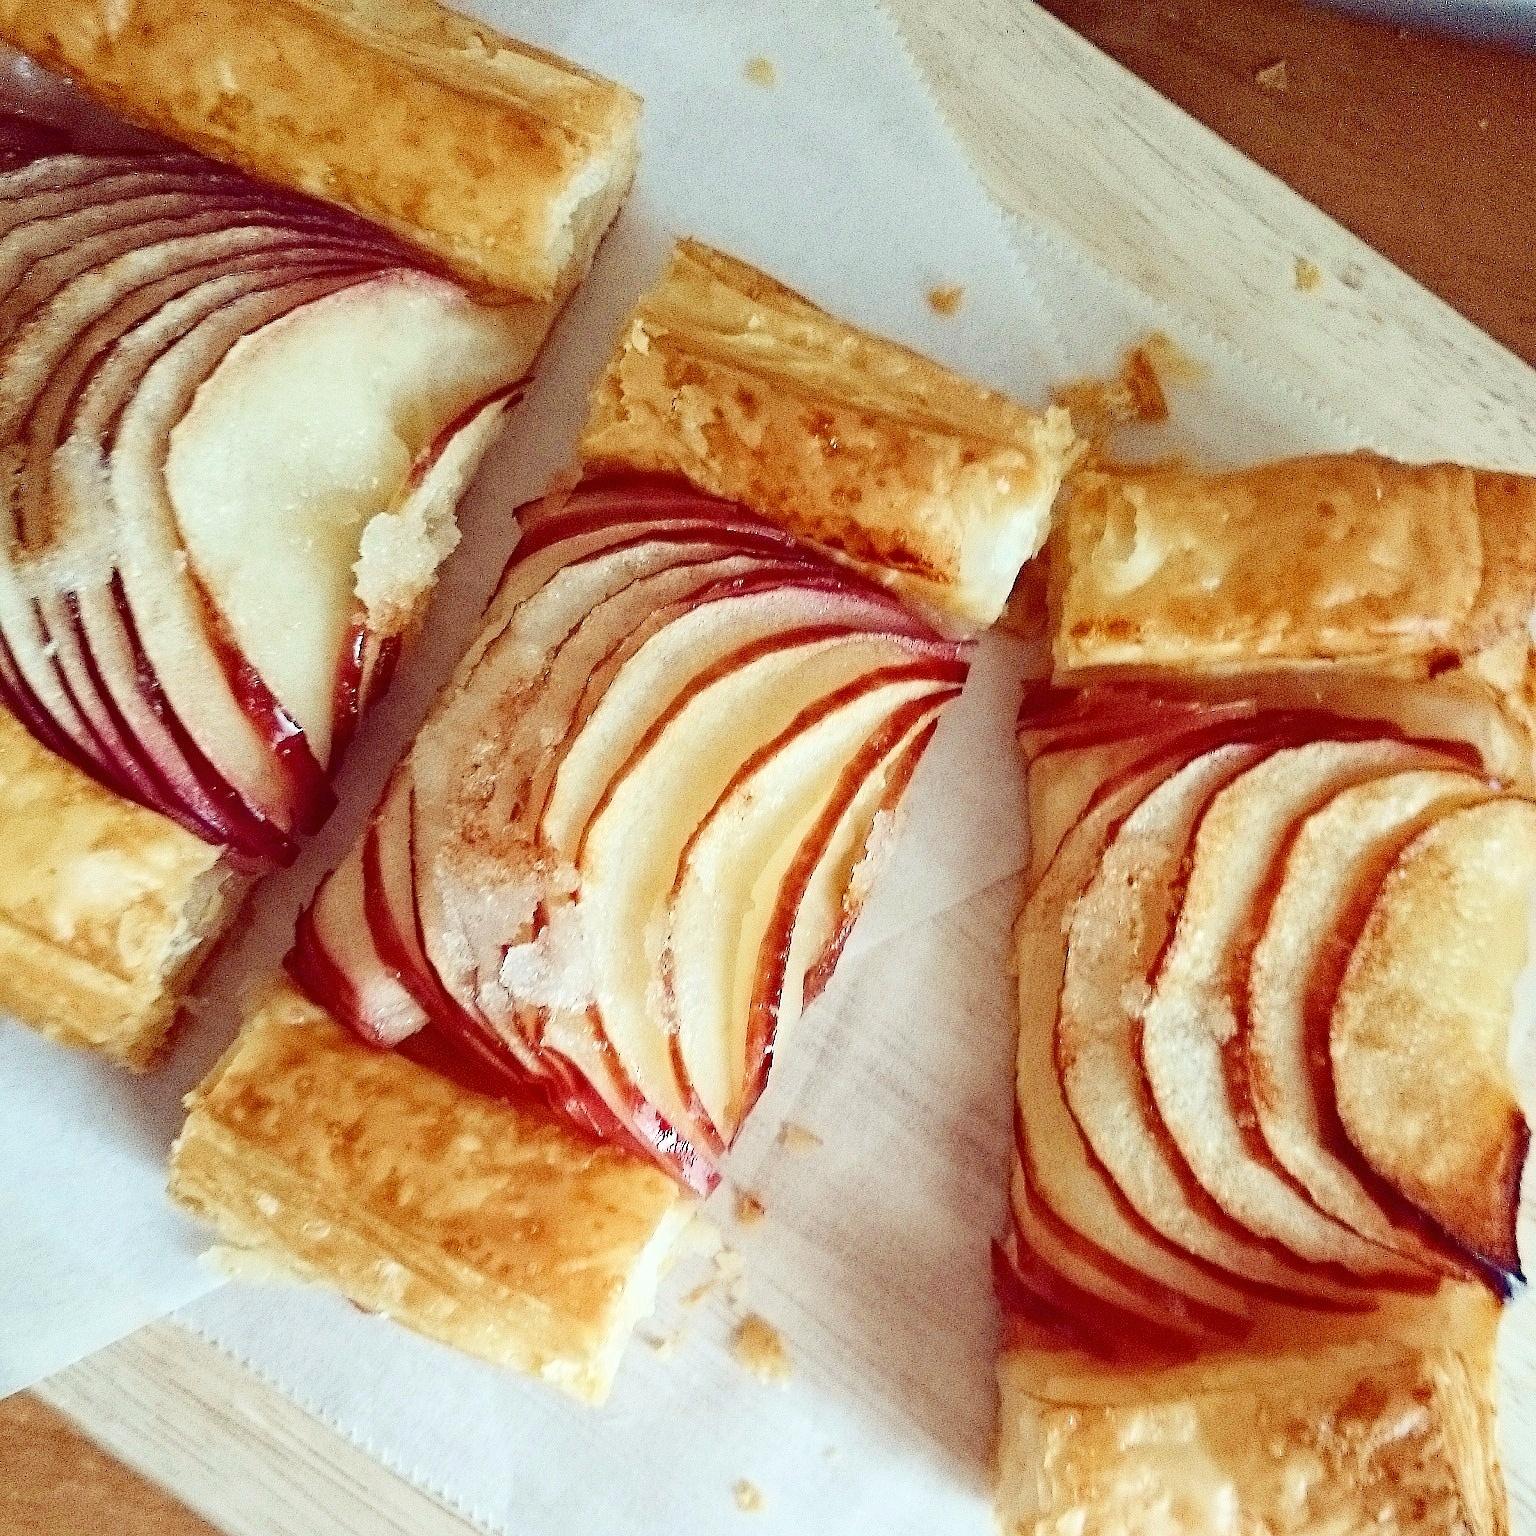 紅玉のパイでおやつと、朝食バケット❁